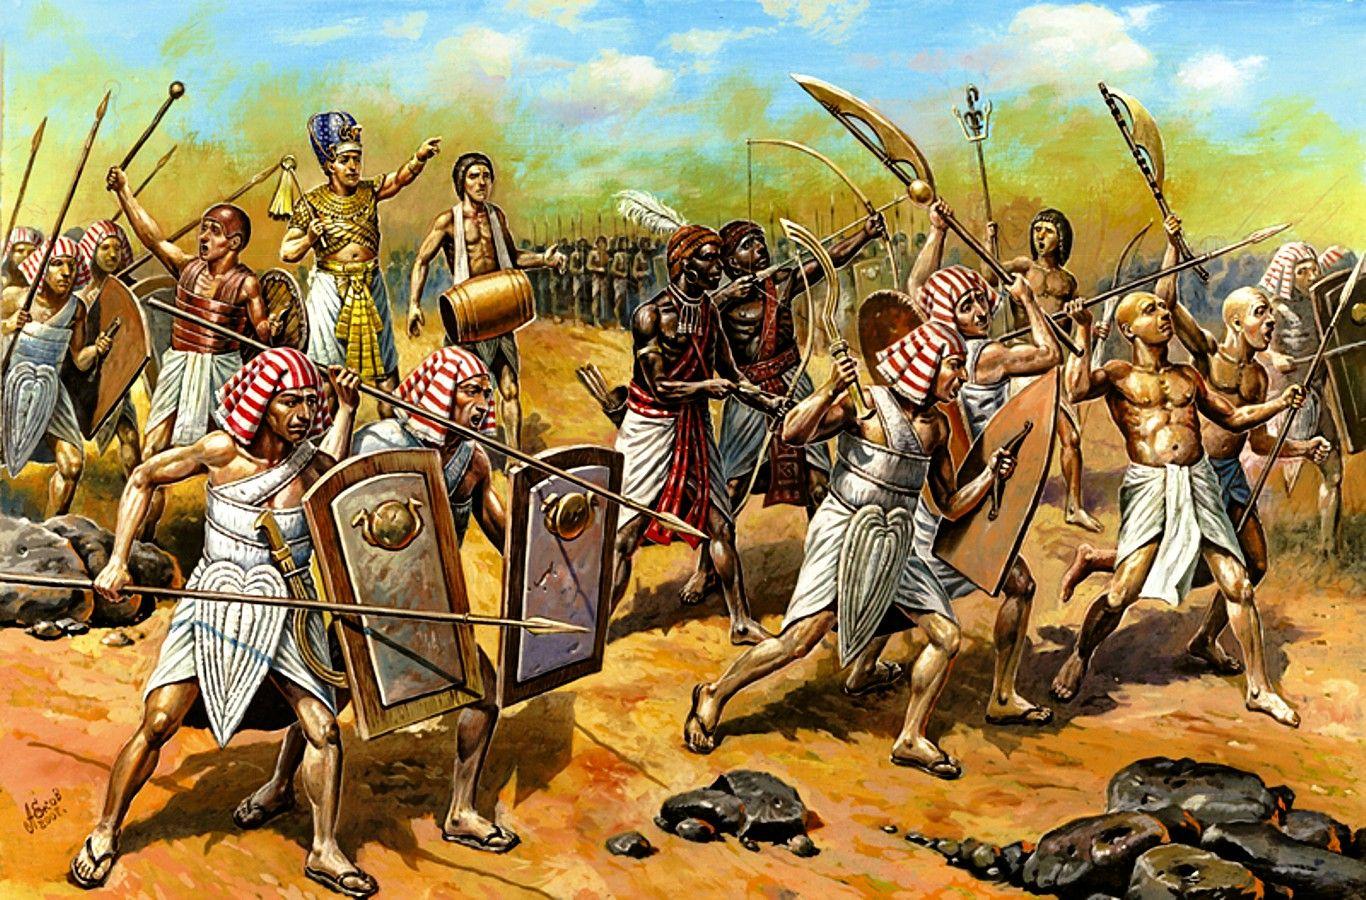 ancient egypian armies